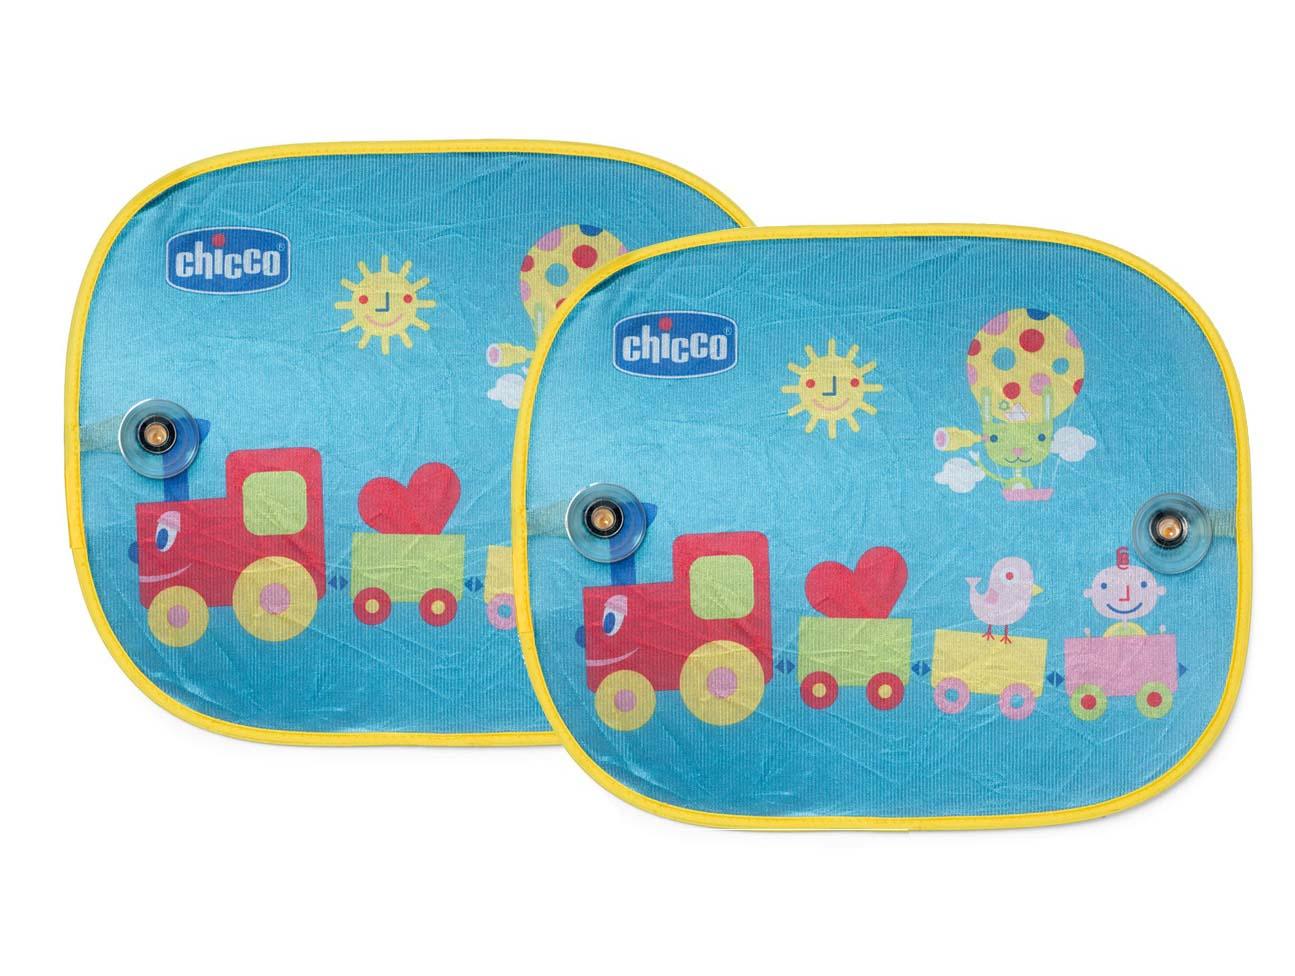 Защитные шторки для автомобиля на присосках - Chicco Safe. Паровозик